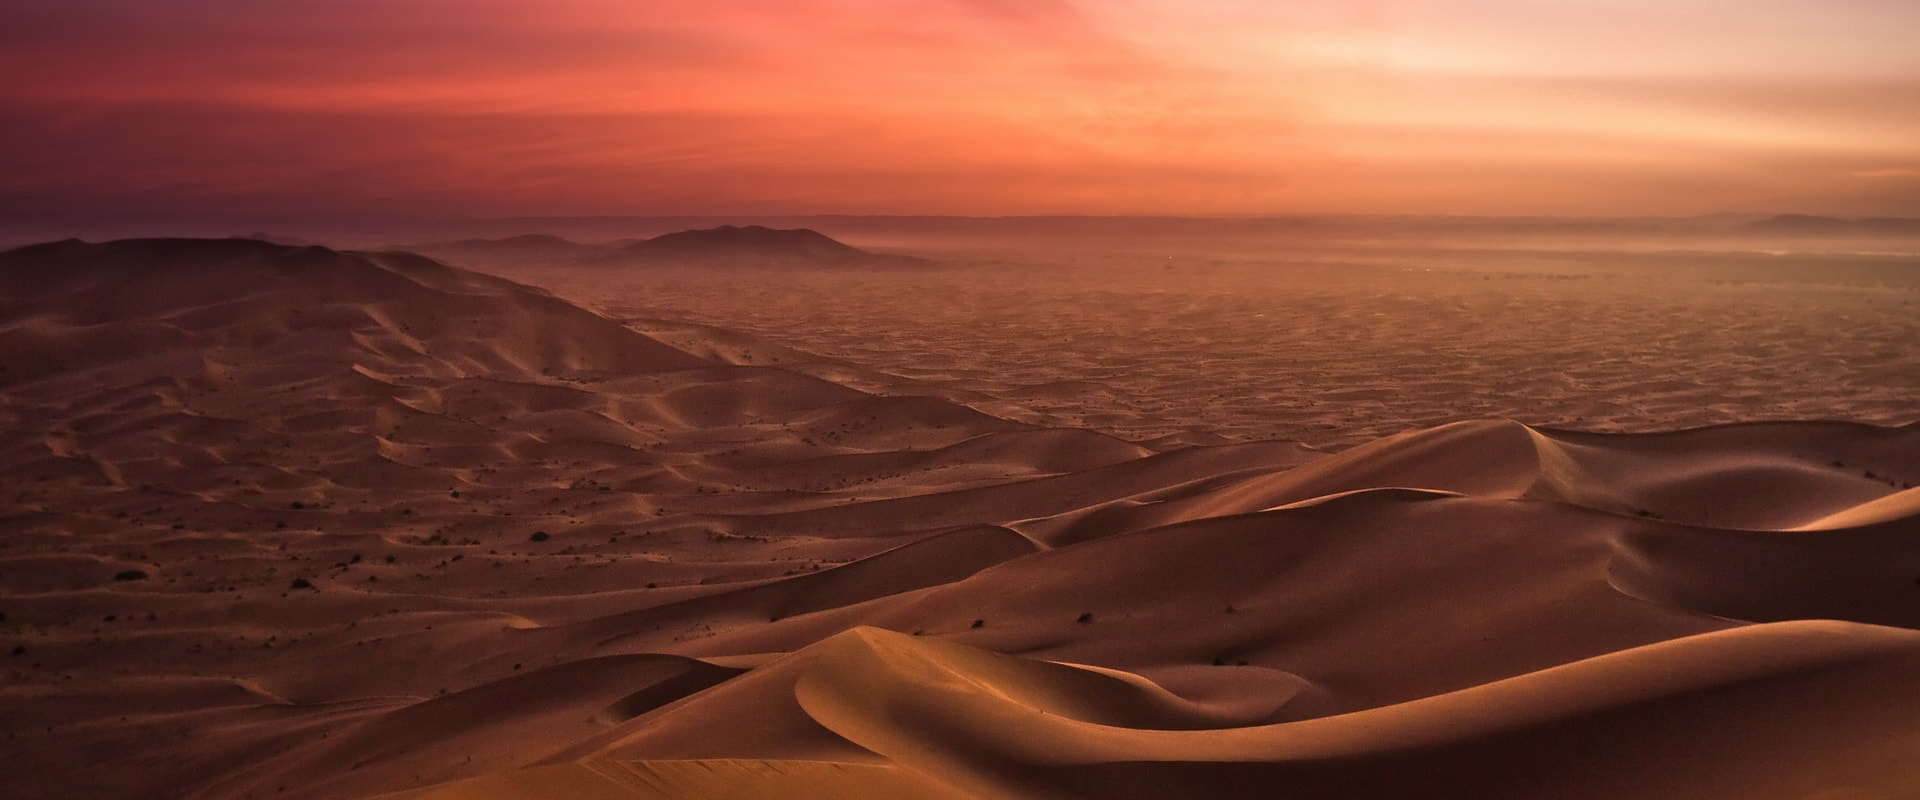 Voyages Expeditions Maroc -12 jours dans le sud marocain et dans l'atlas